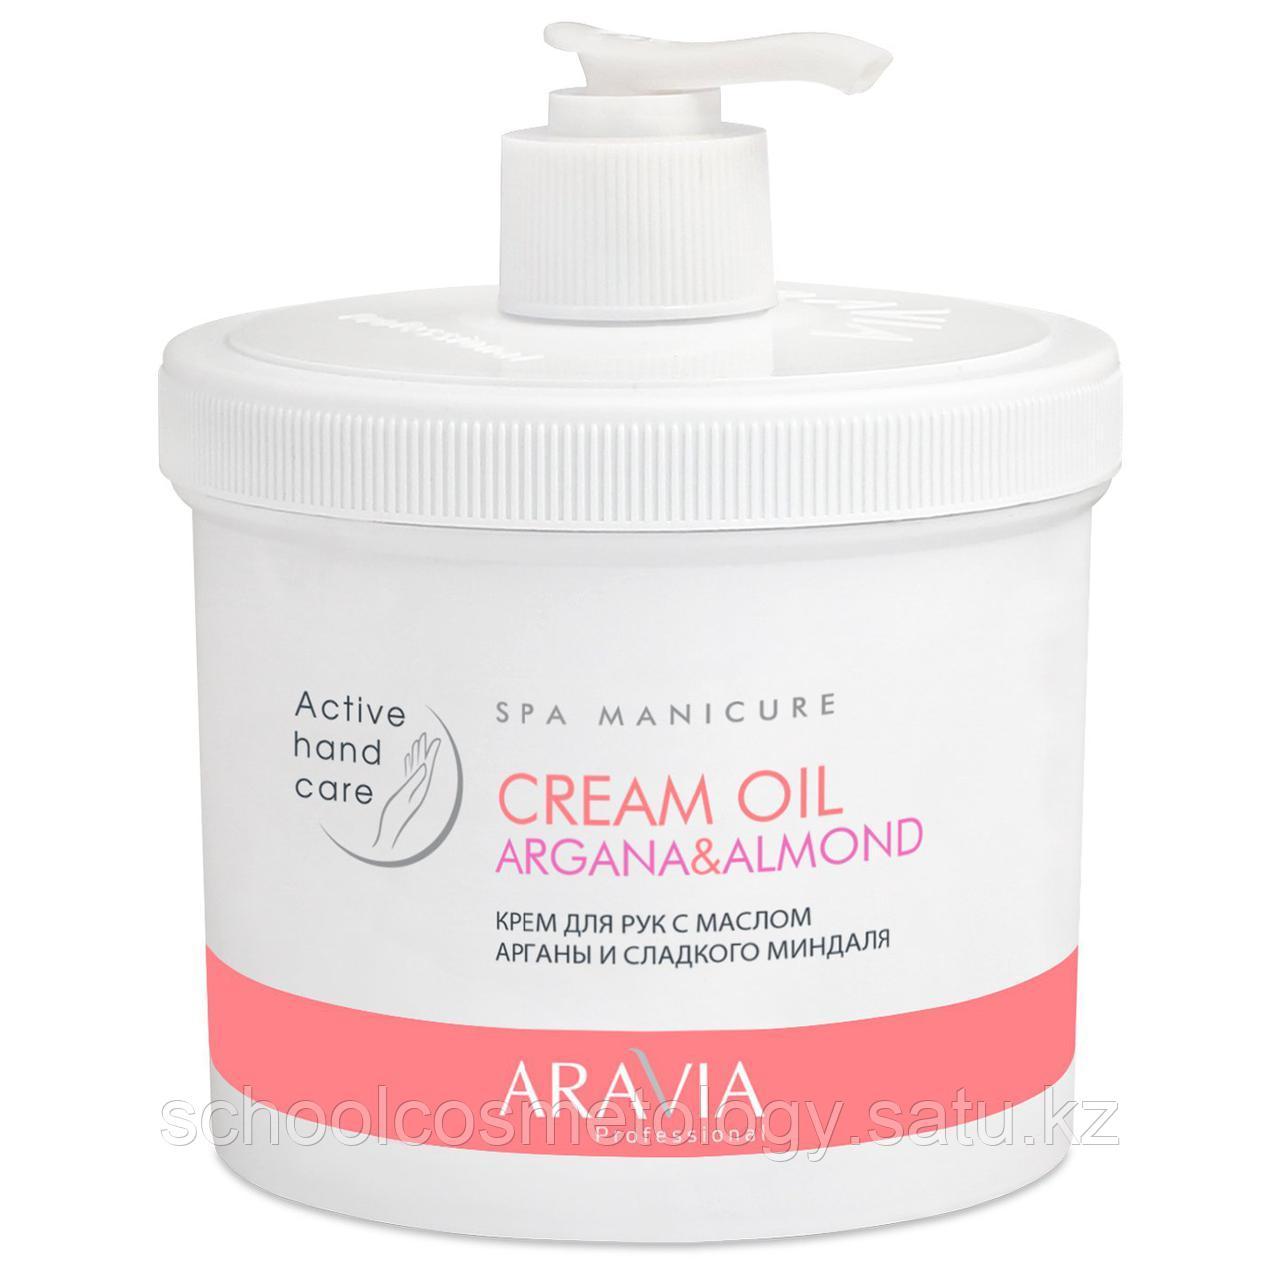 """Крем для рук """"Cream Oil"""" с маслом арганы и сладкого миндаля, - фото 2"""